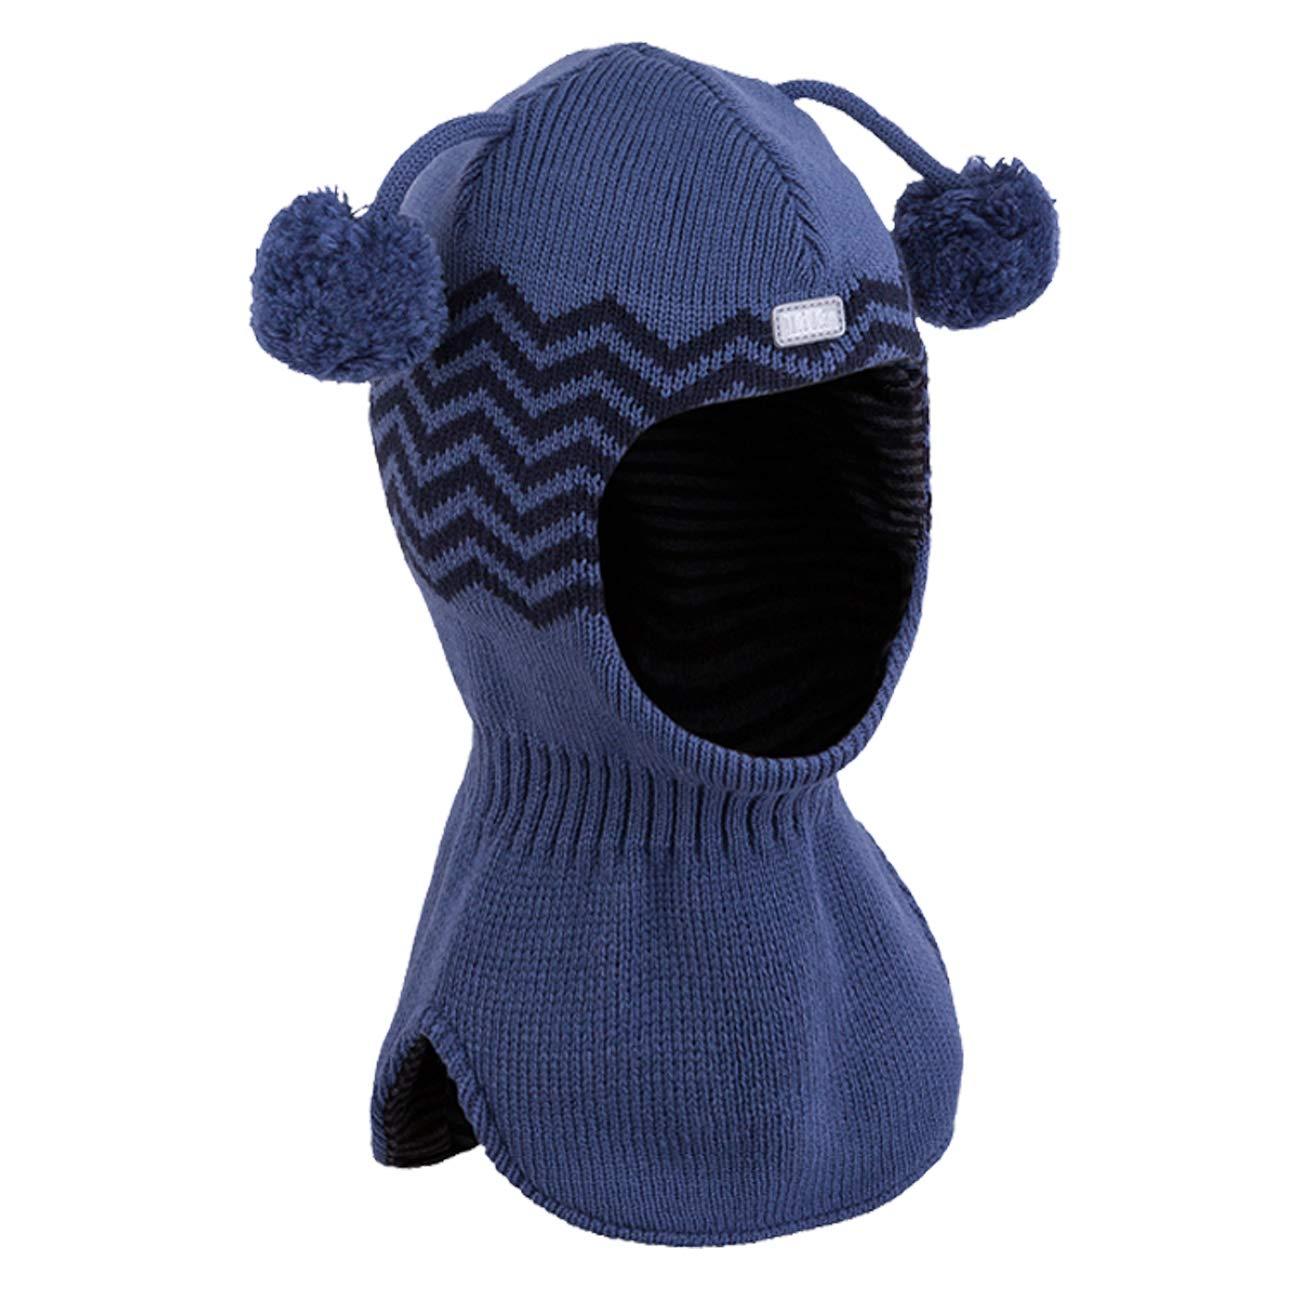 Galeja TuTu Baby-Jungen Mütze Schlupfmütze Kindermütze Wintermütze Baumwollfutter T3-004195